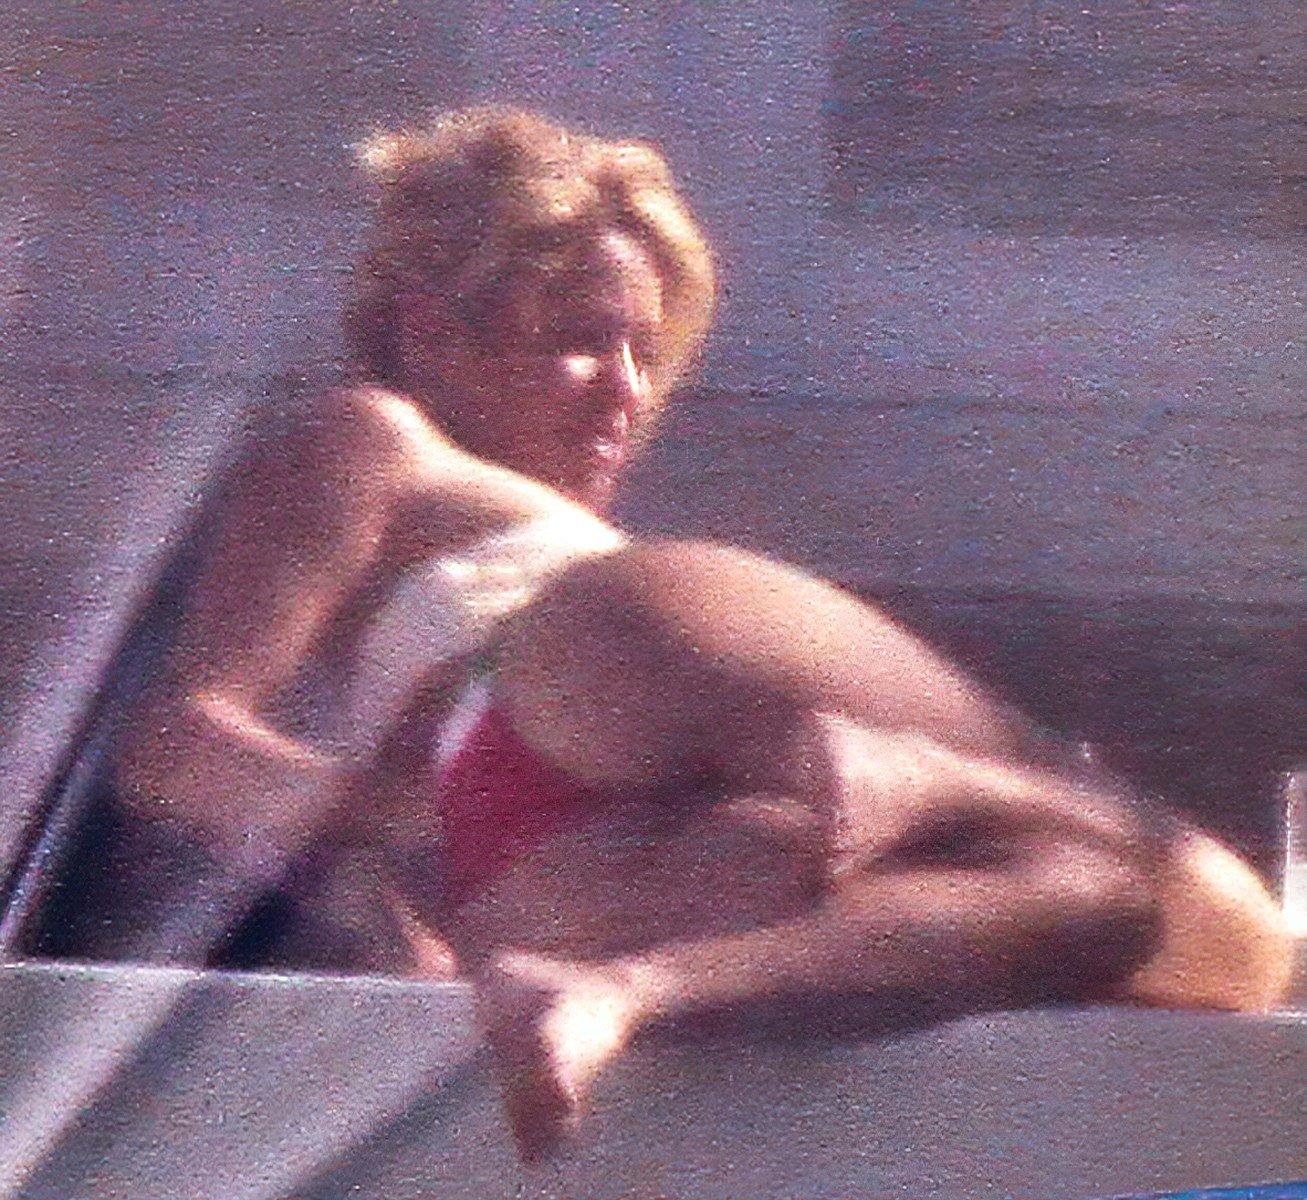 Shakira Modeling Her Ass In A Bikini